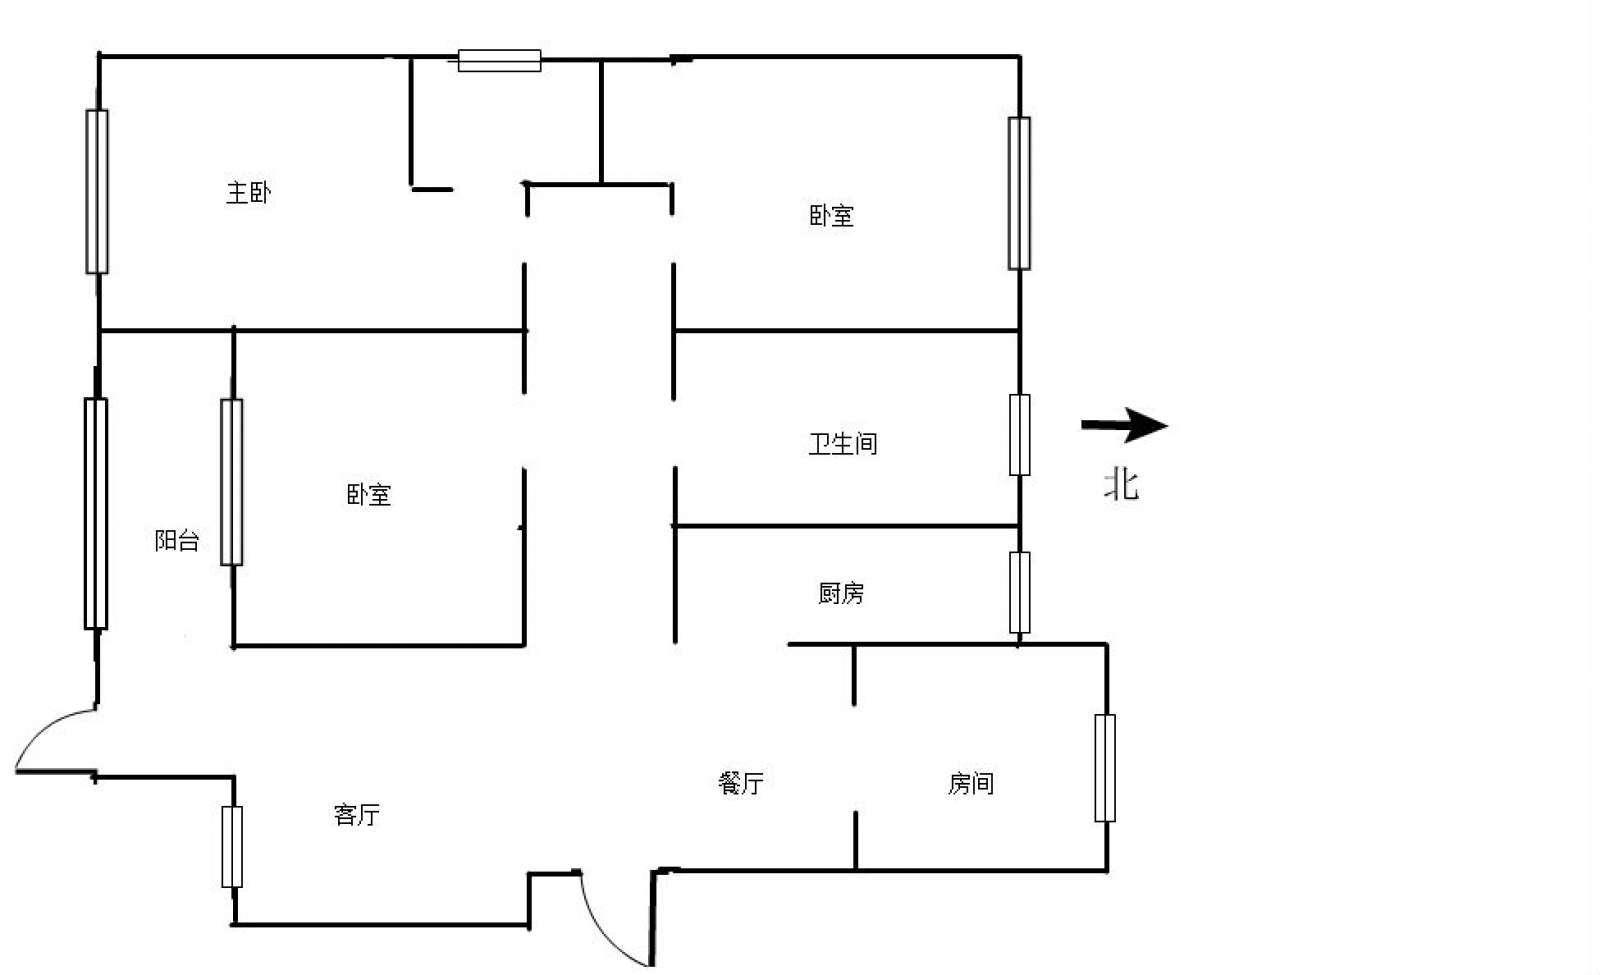 庐山春天 4室2厅120㎡